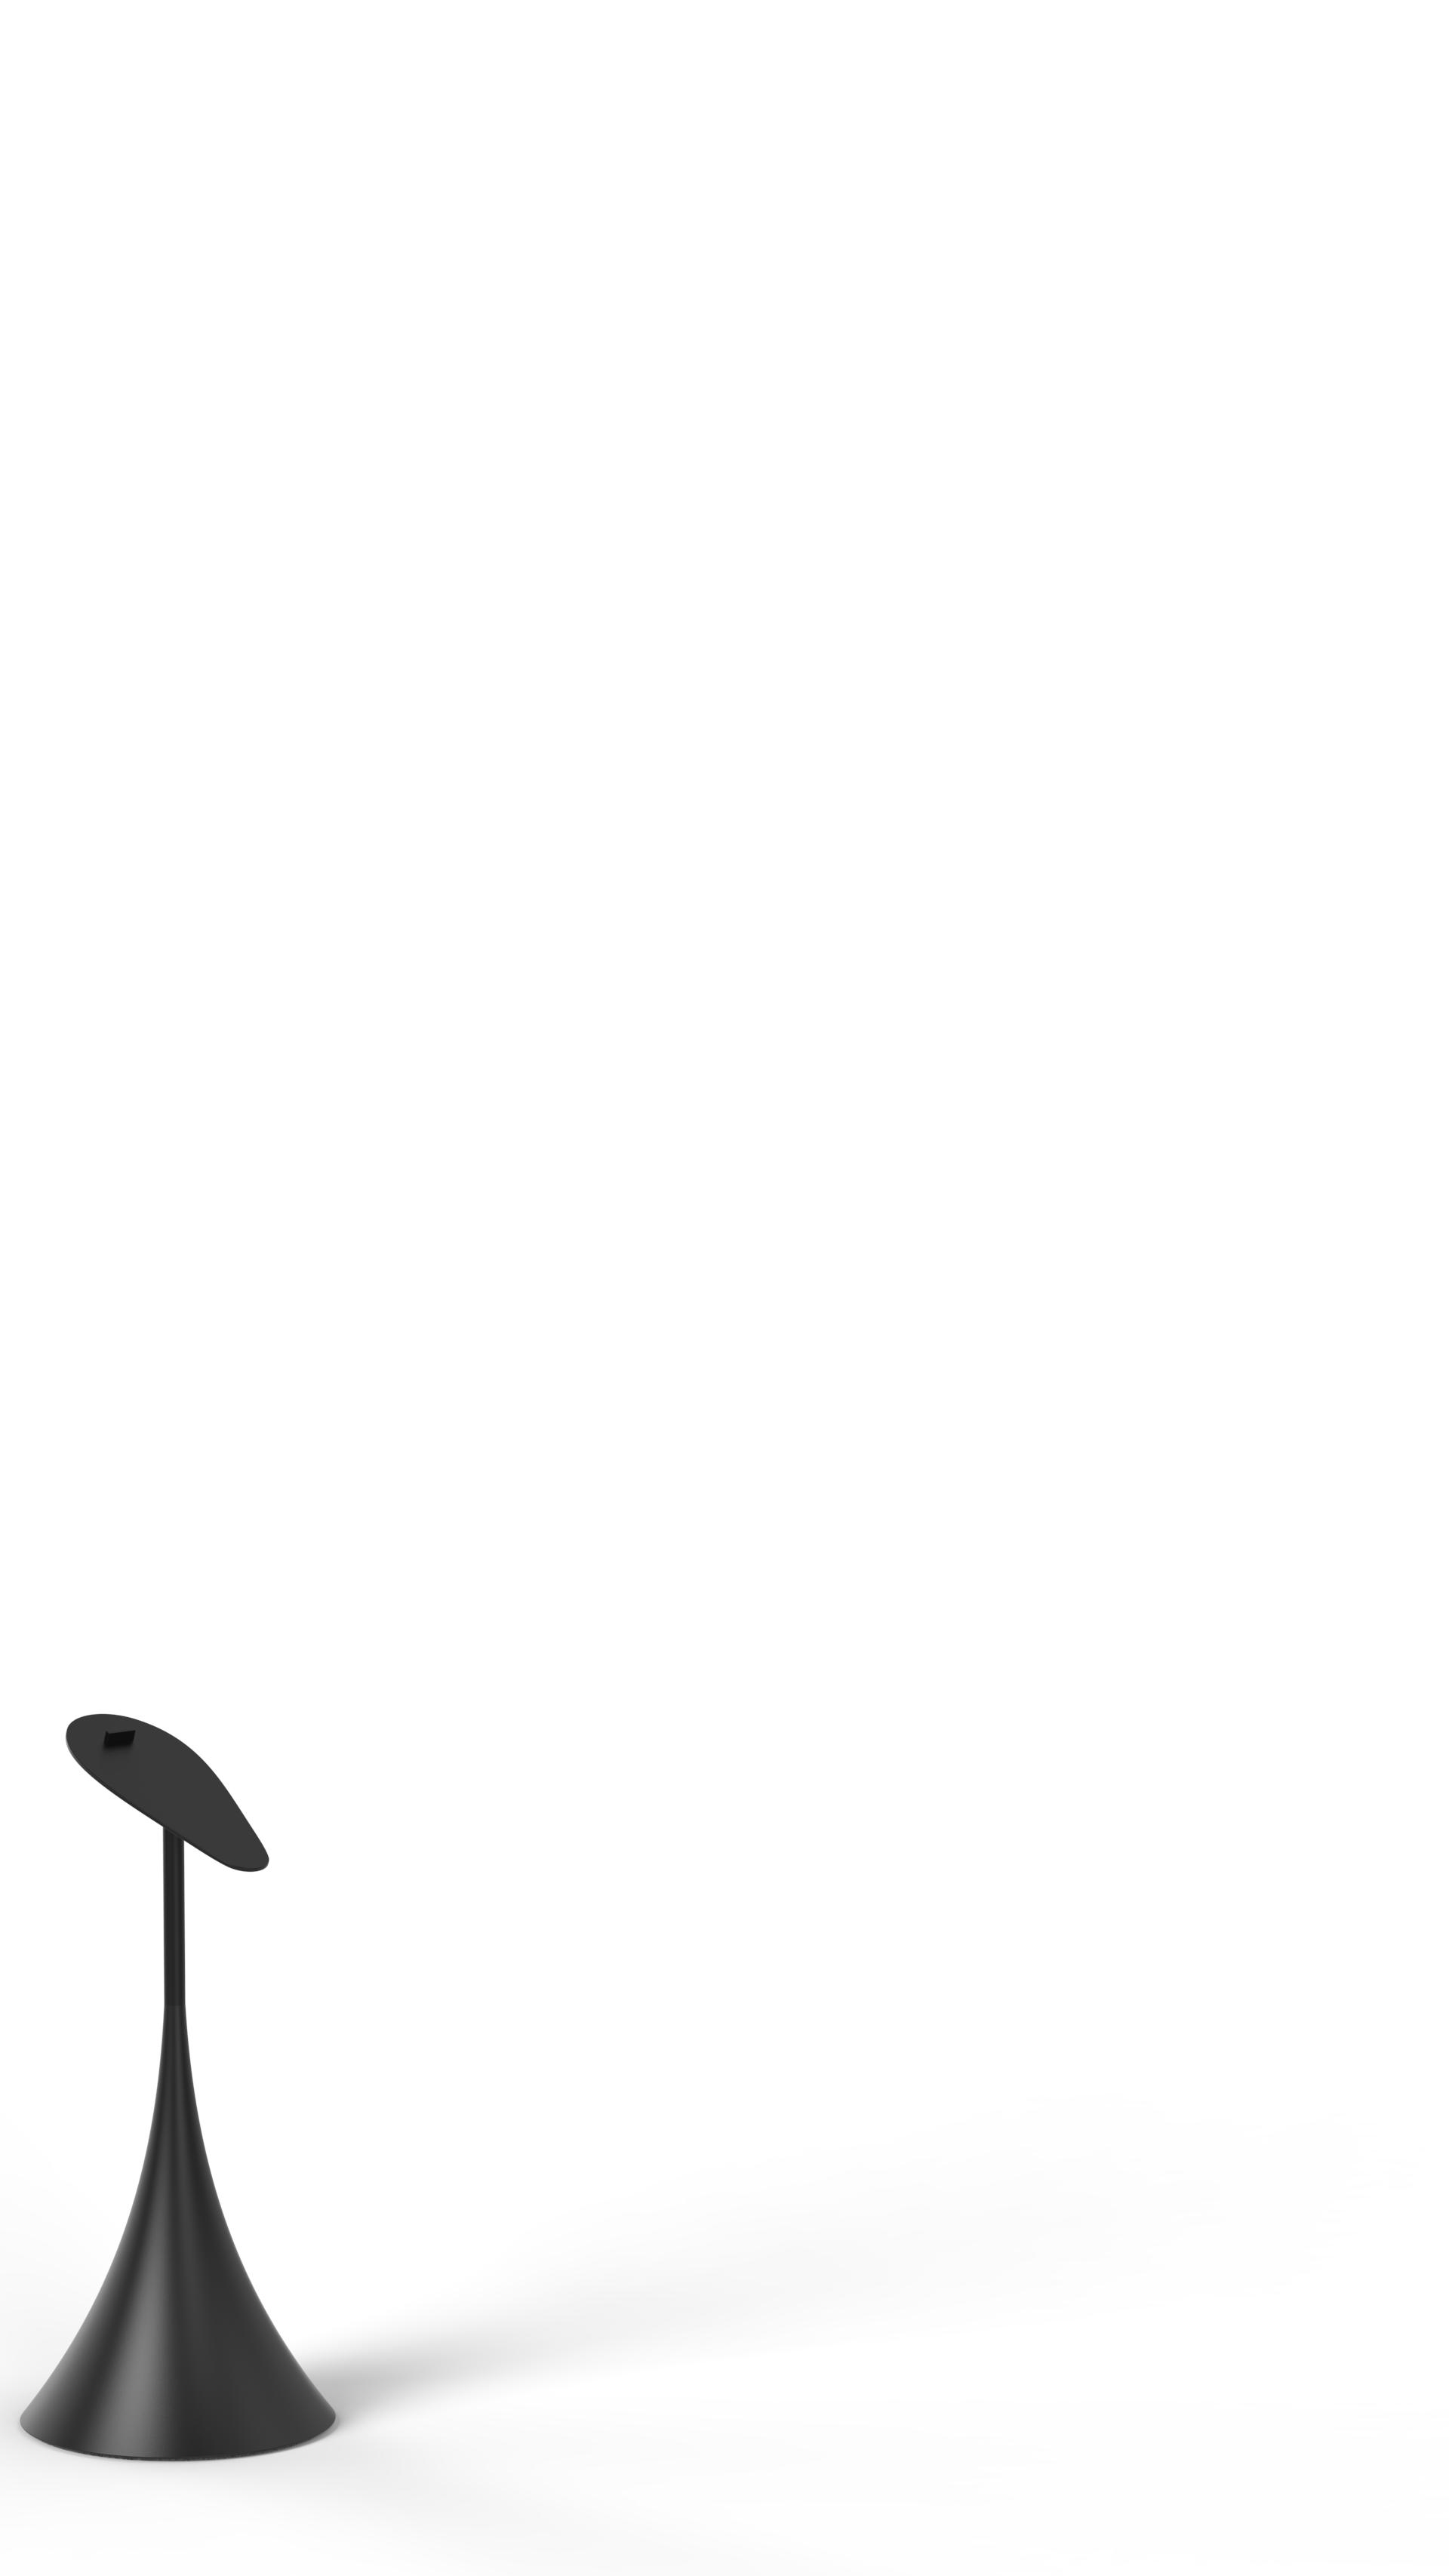 AUSPC30 Présentoir pour chaussure SAINT-HONORÉ PARIS